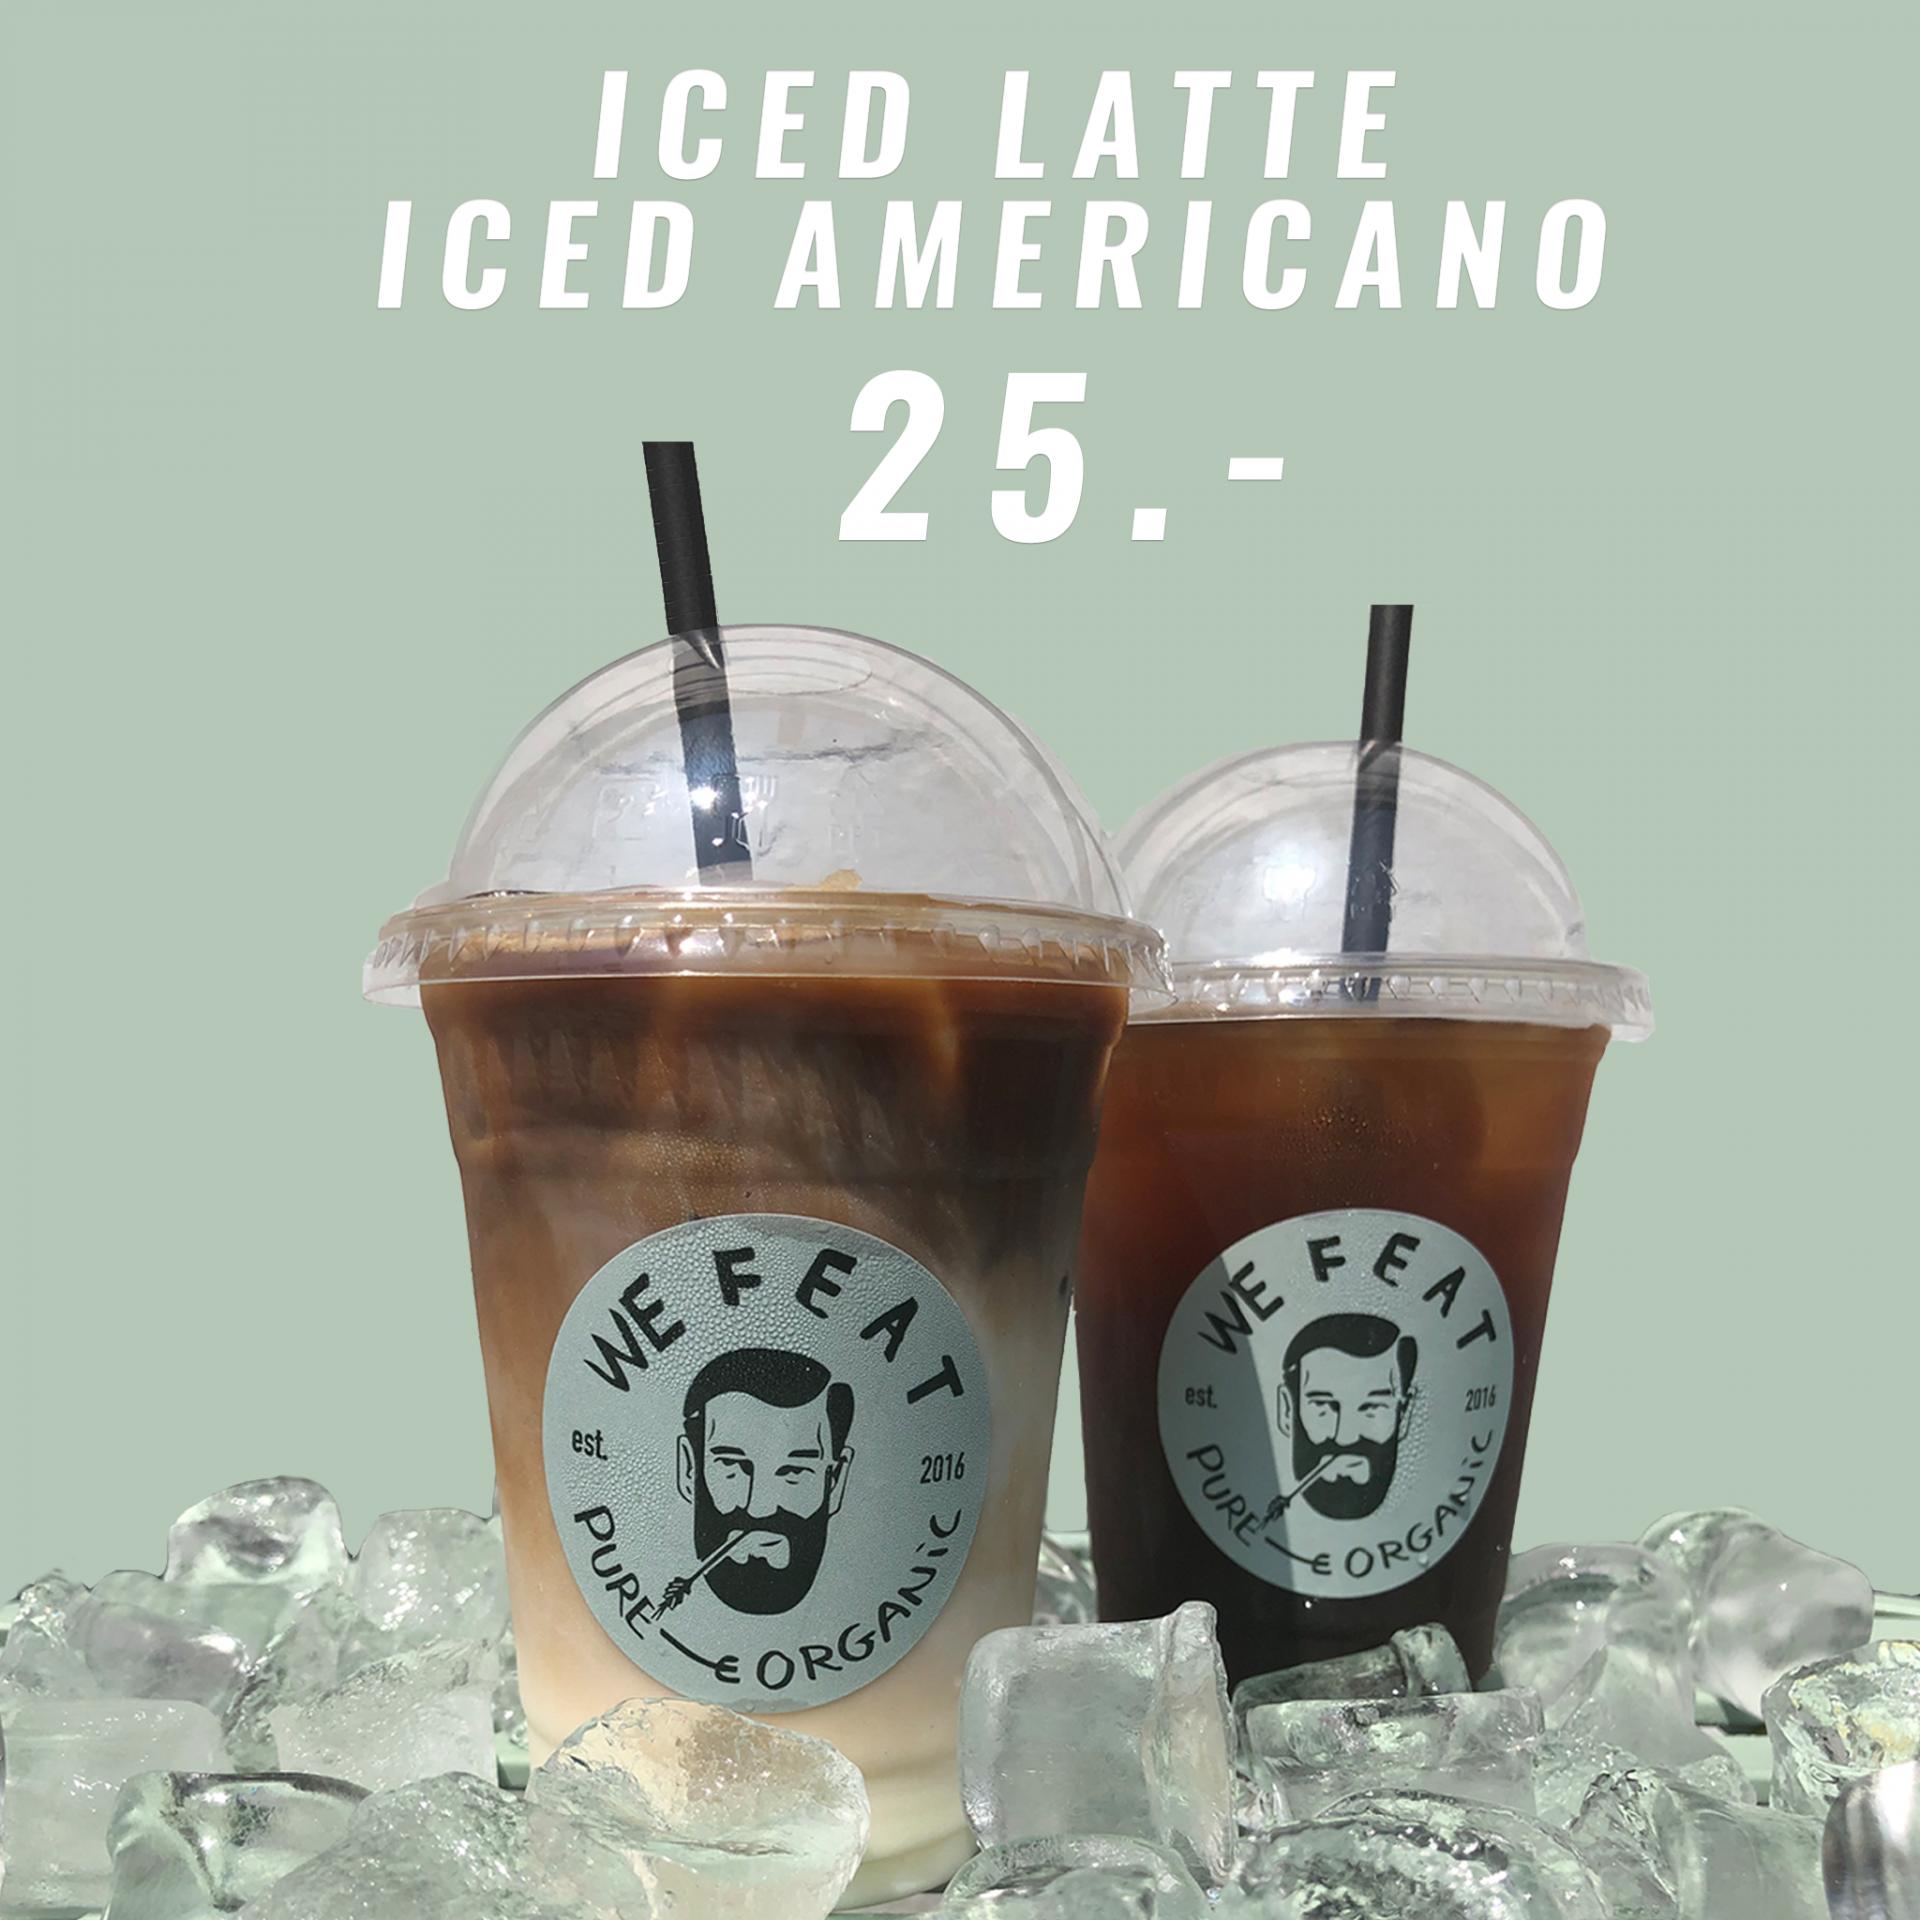 We Feat: Skyder sommeren i gang med Iced latte eller Iced americano til 25 kroner